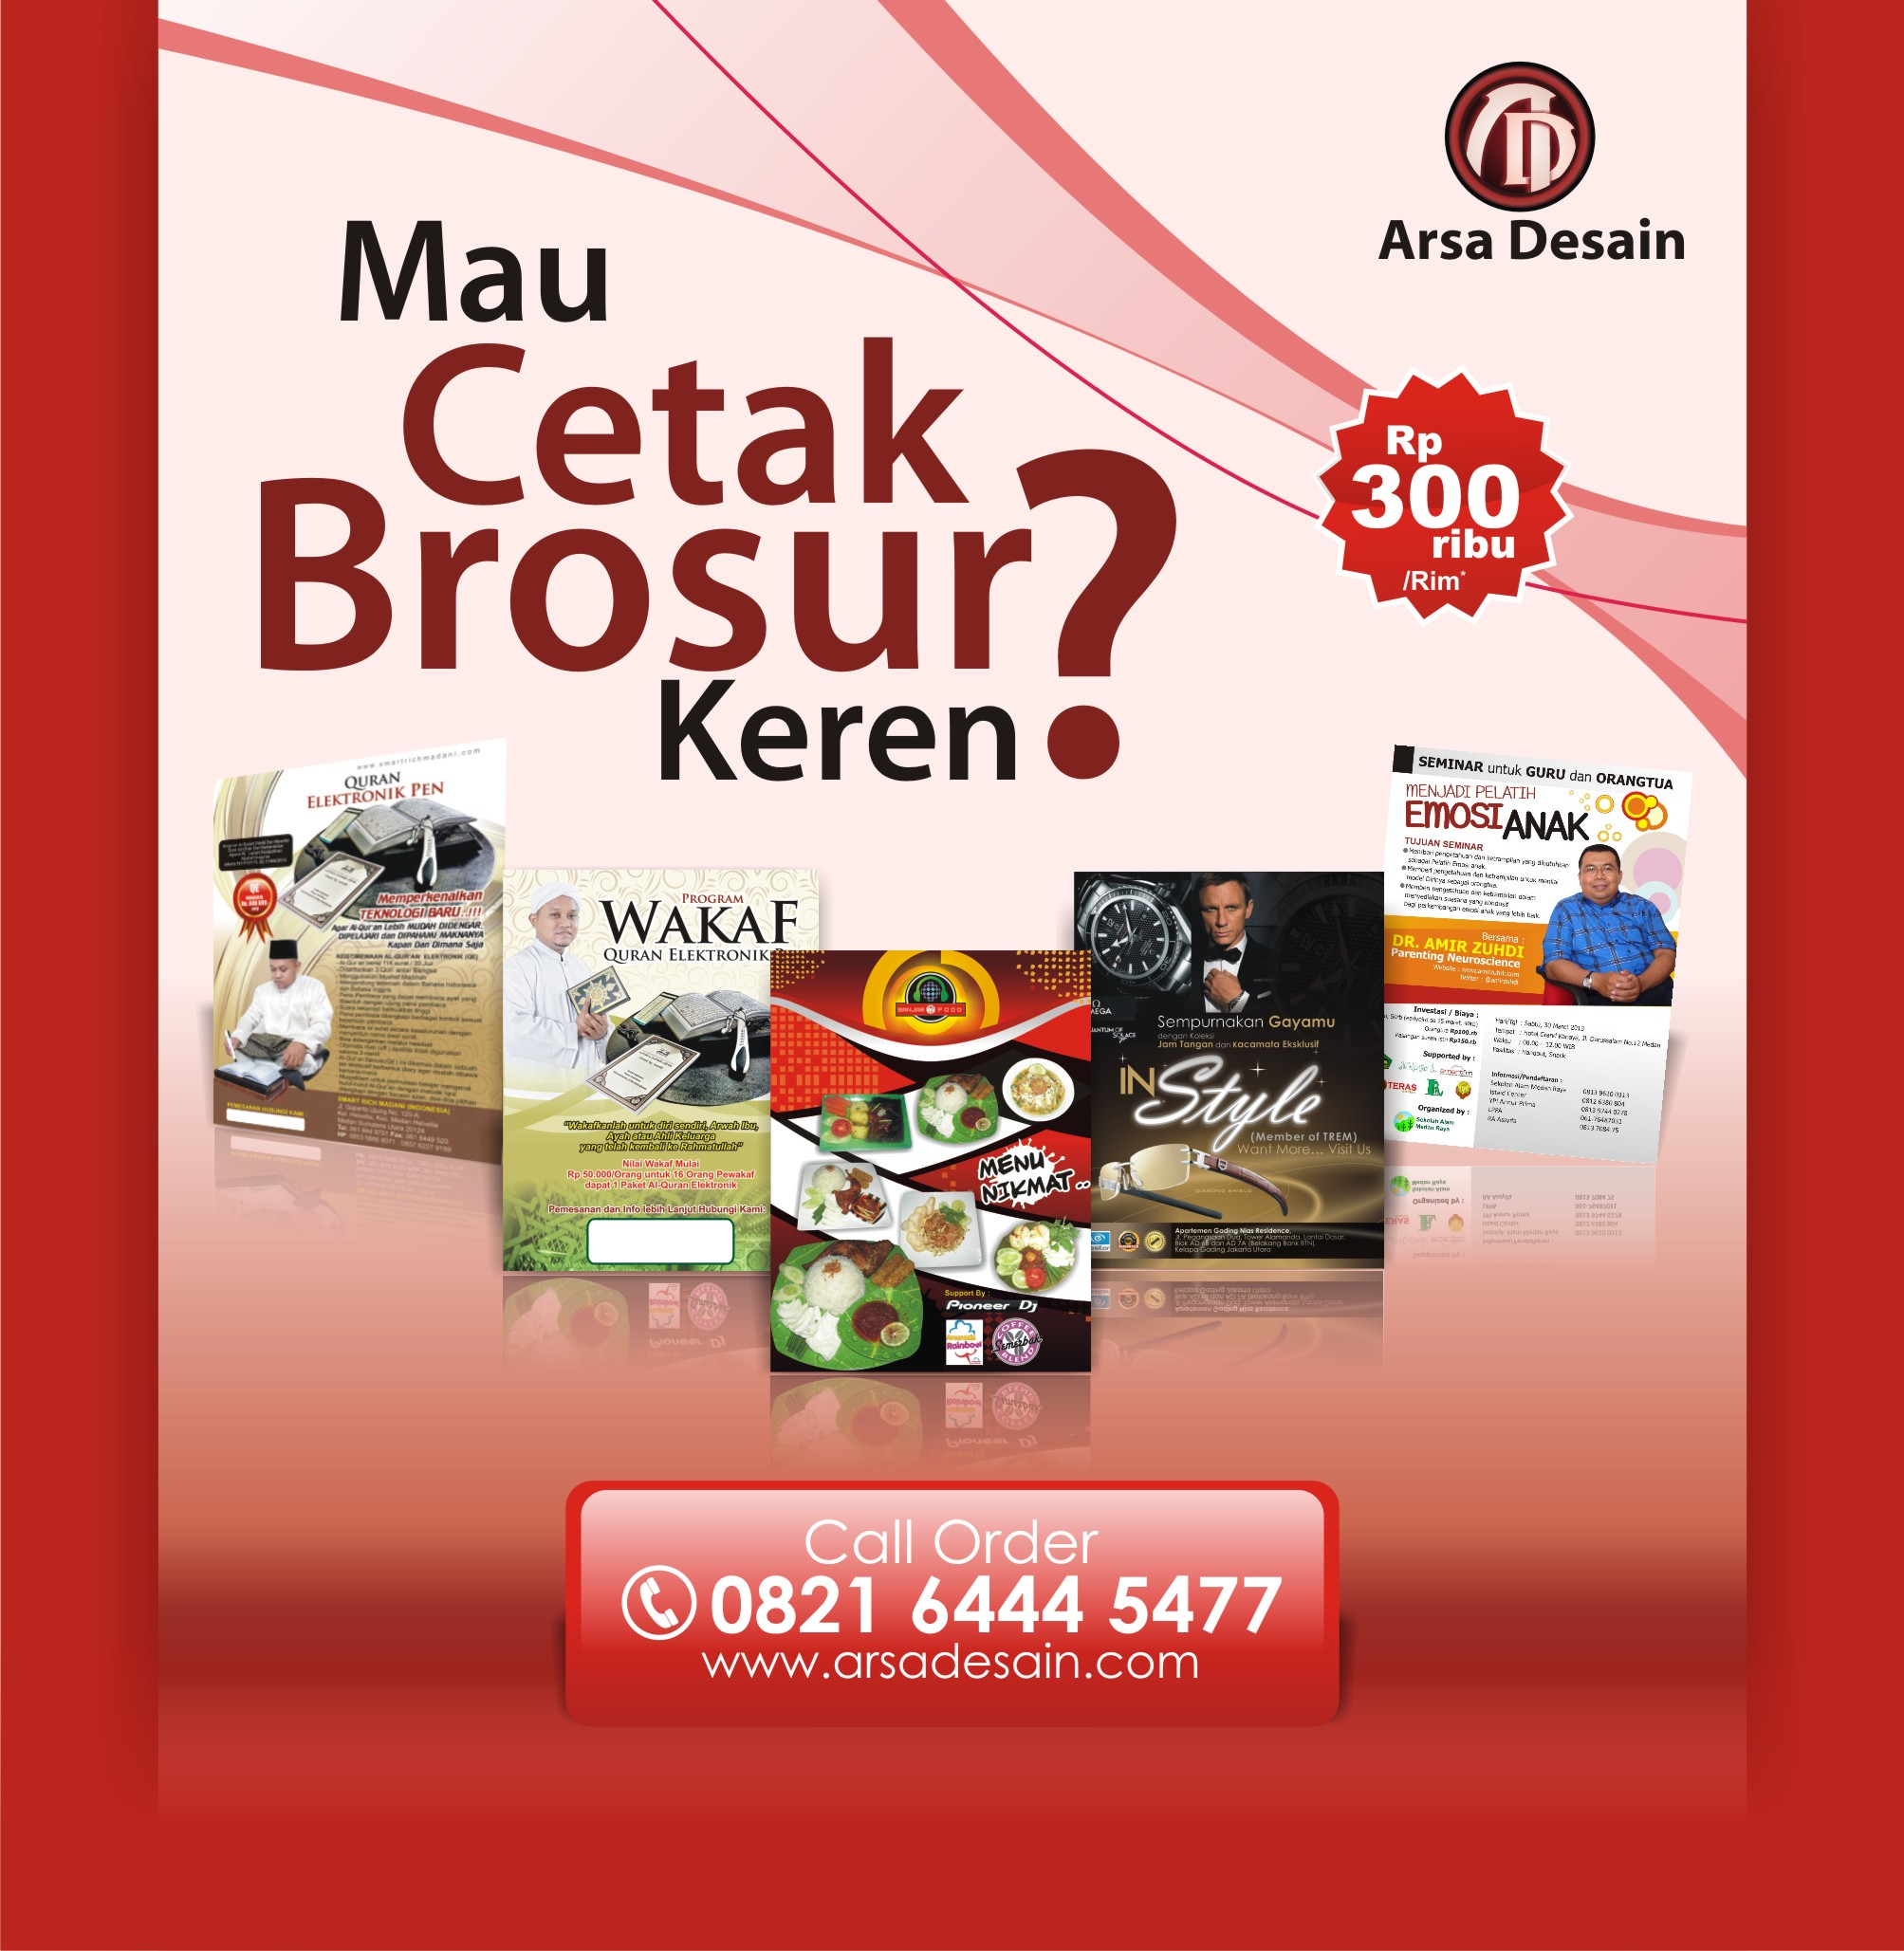 Cetak Brosur di Medan | Cetak Brosur Medan | desain Brosur Keren